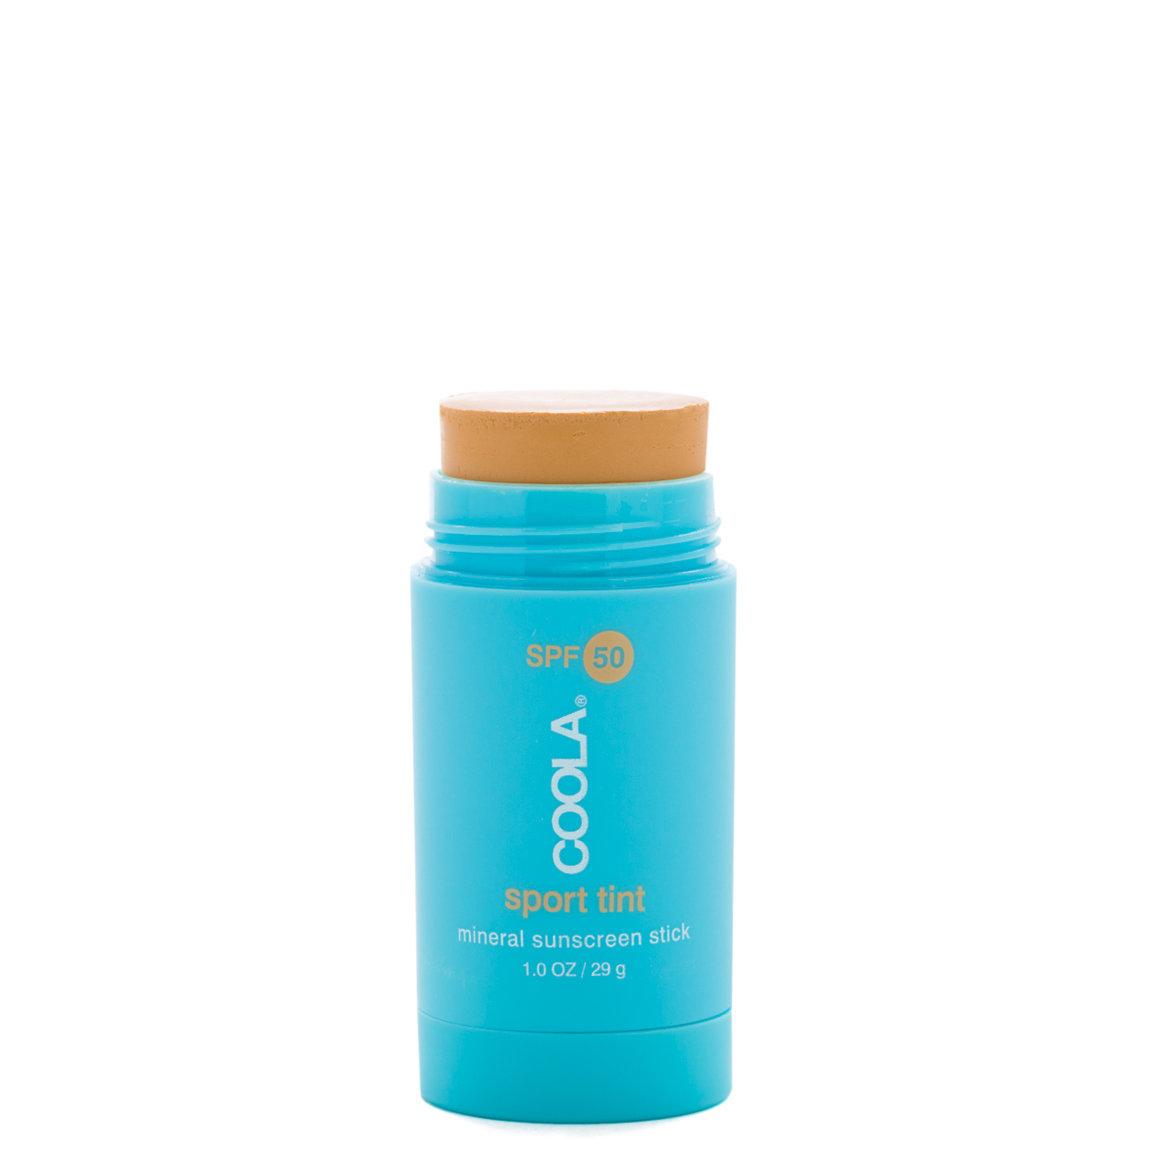 COOLA Mineral Sport Sunscreen Stick SPF 50 Tint